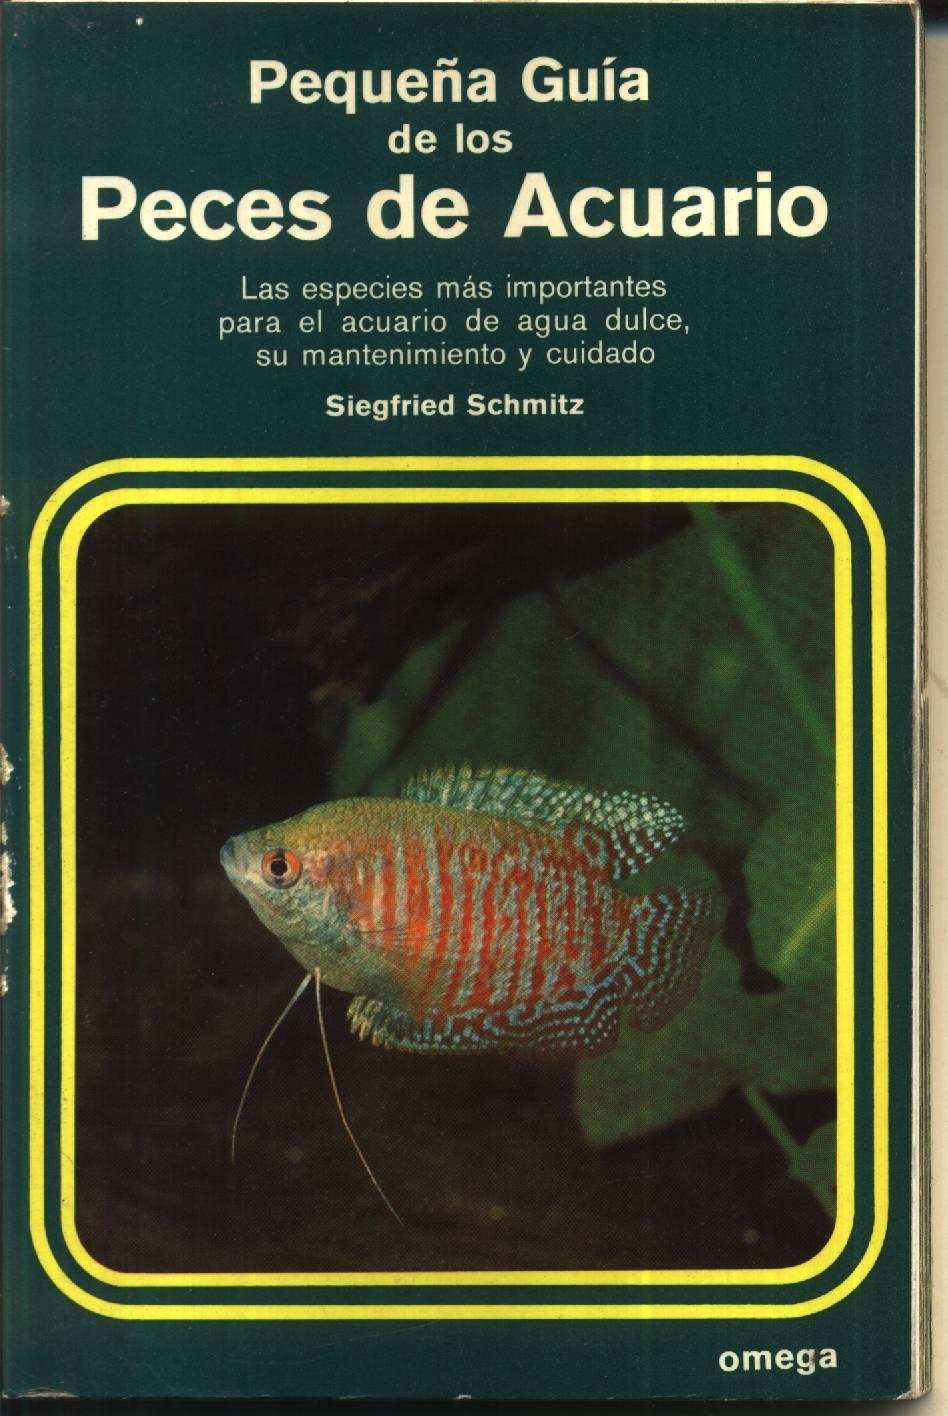 Pequena guia de los peces de acuario - Siegfried Schmitz